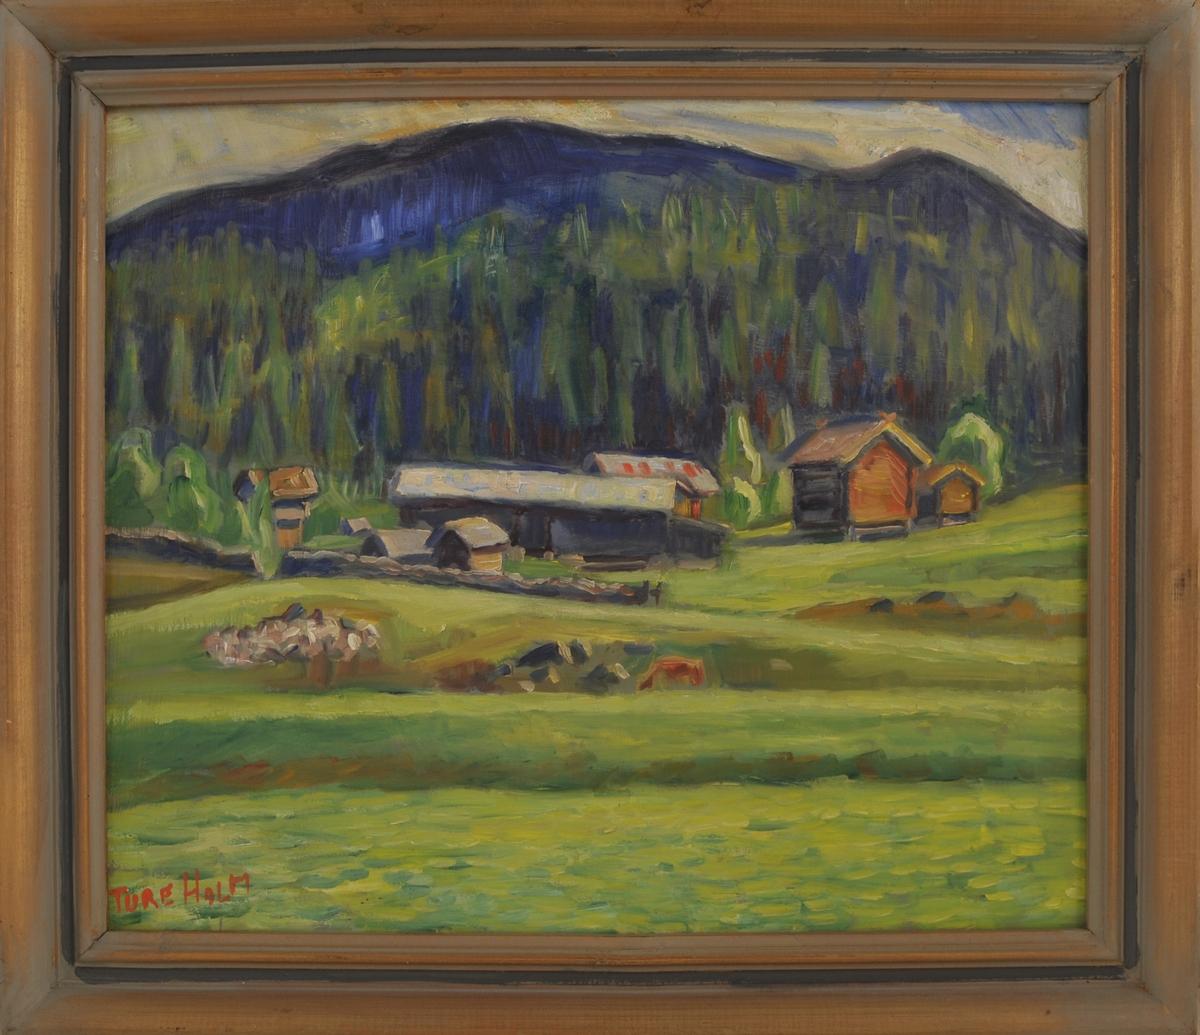 Motivet er frå Øvre Vindlaus (Uppistog), frå tunet frå Nigard Vindlaus. Storebur, veslebur og dei andre husa til venstre.